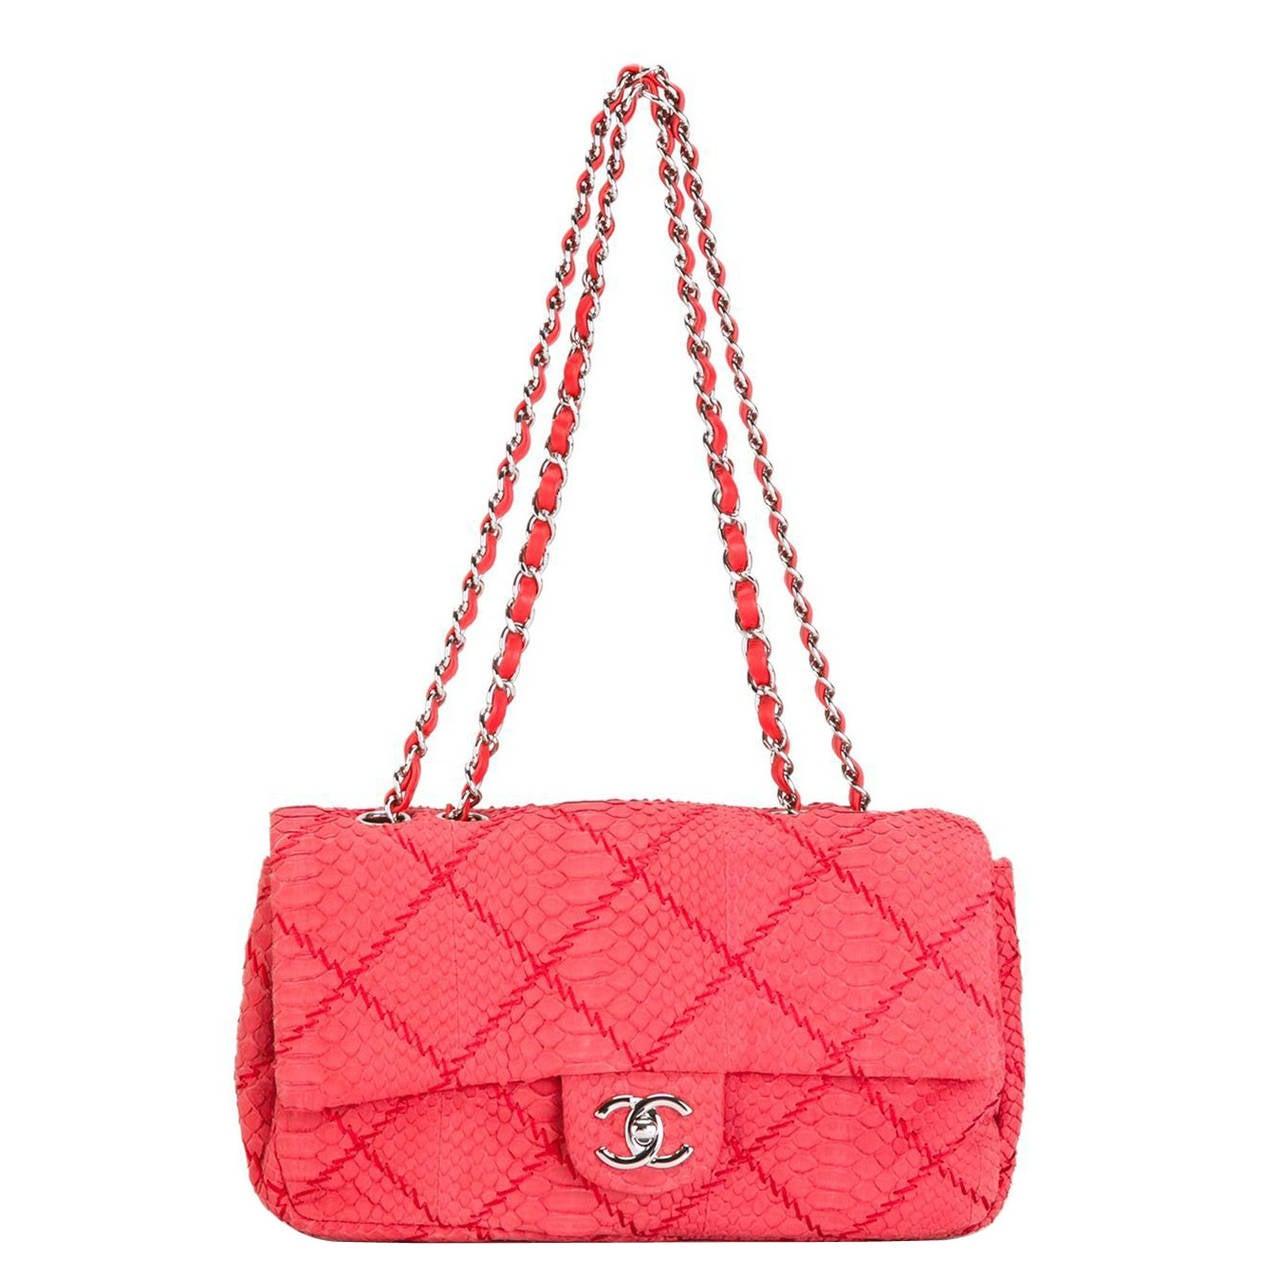 Chanel Python Flap Shoulder Bag at 1stdibs 6c5866debbfeb